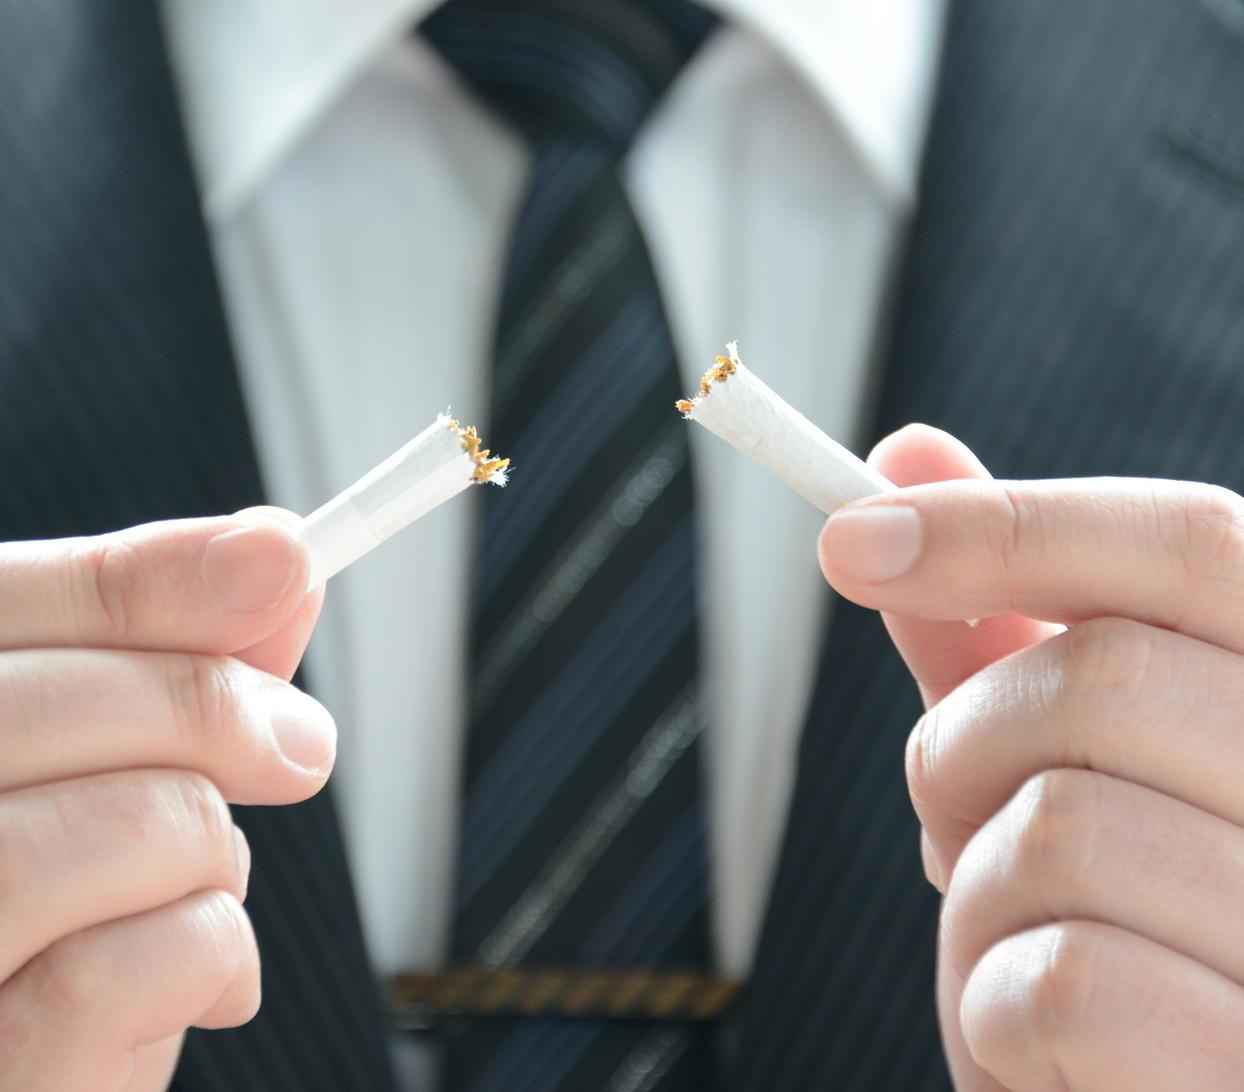 たばこが原因で103万人が病気に 医療費は1.5兆円 受動喫煙では3200億円